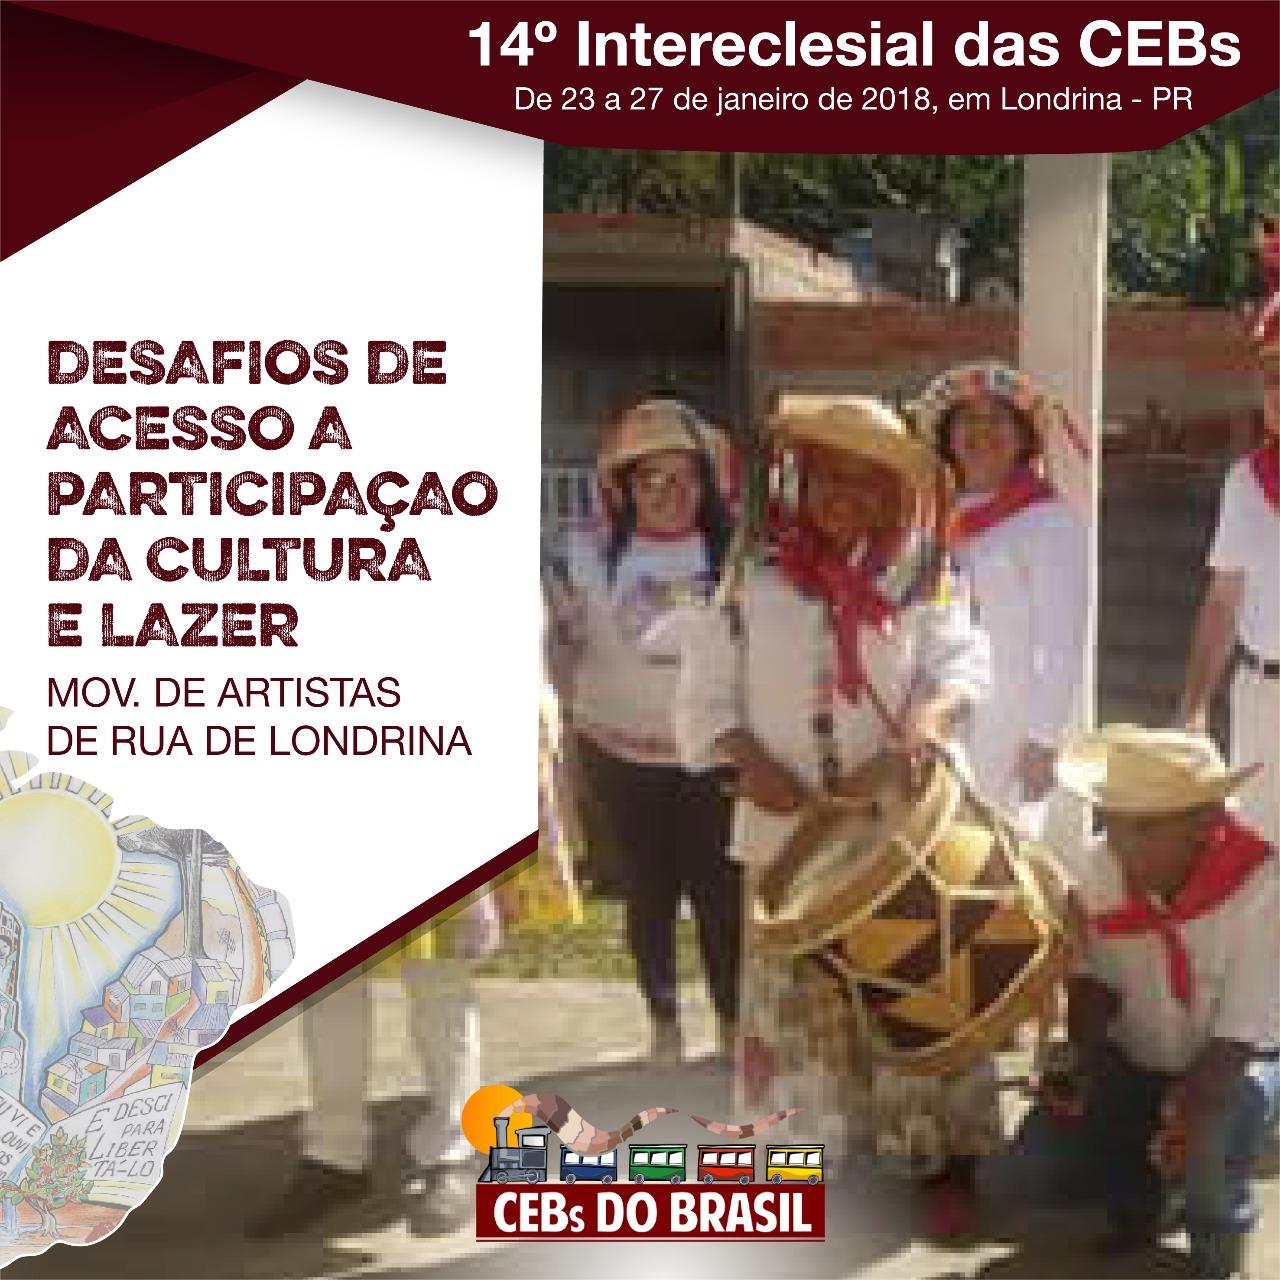 Desafios de acesso a participação da Cultura e lazer – VER/JULGAR